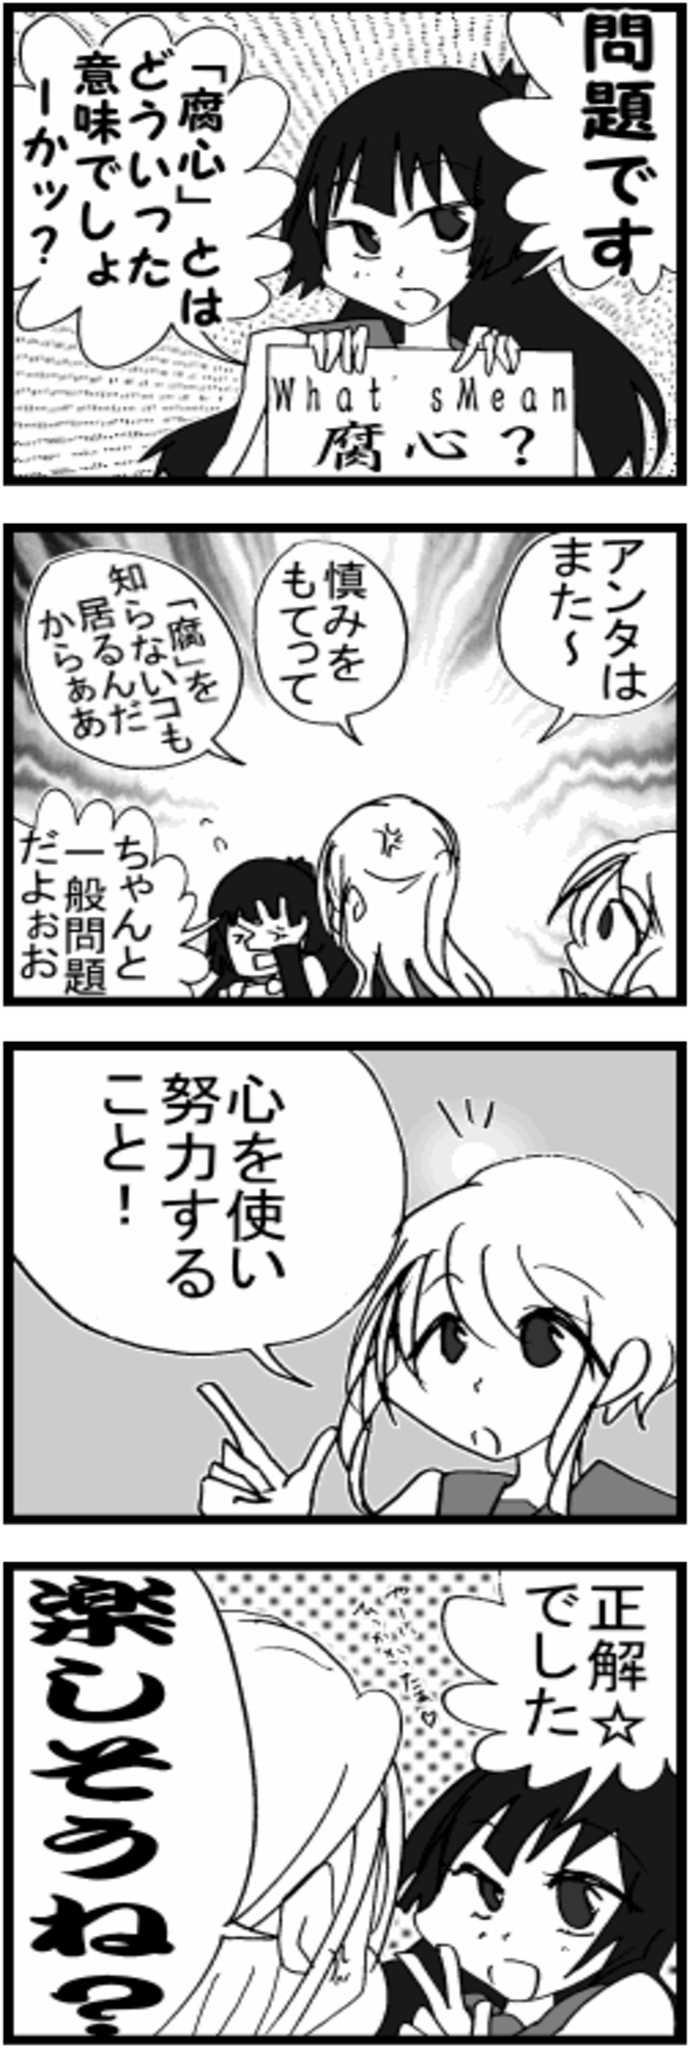 オマケ漫画「クイズ」